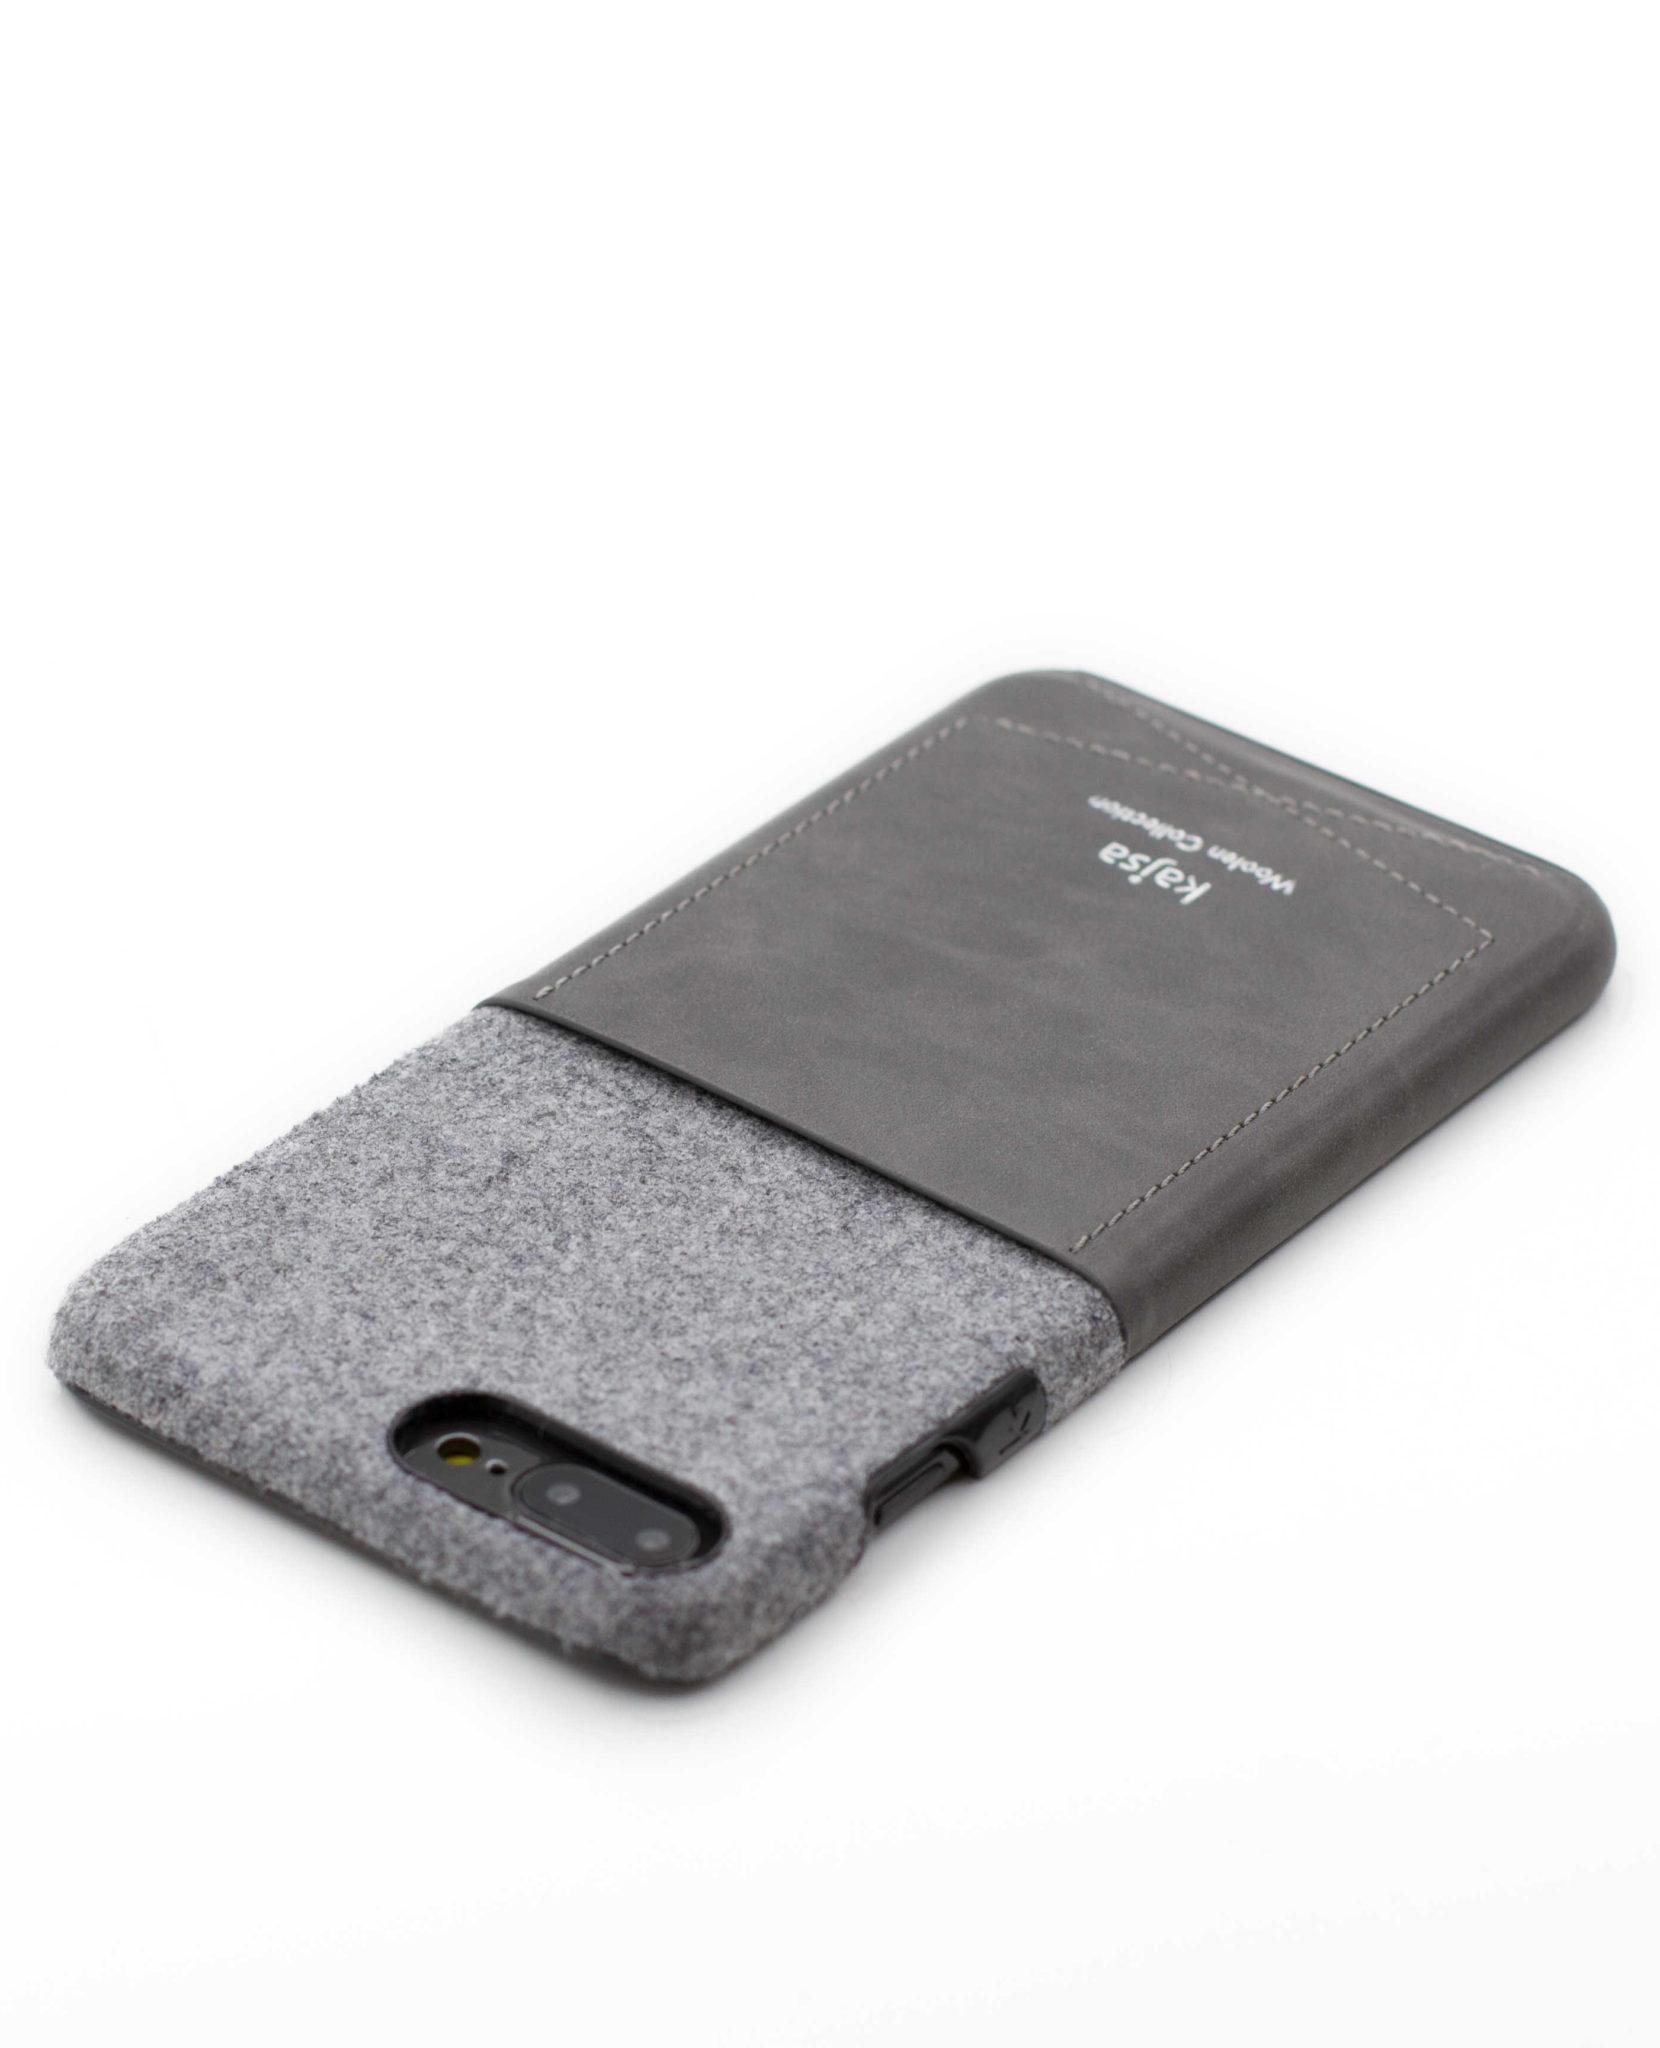 Perspektivisches Foto einer grauen Schutzhülle Case aus echter Wolle kombiniert mit Leder für das iPhone 8 Plus, das iPhone 8, das iPhone 7 und das iPhone 7 Plus.